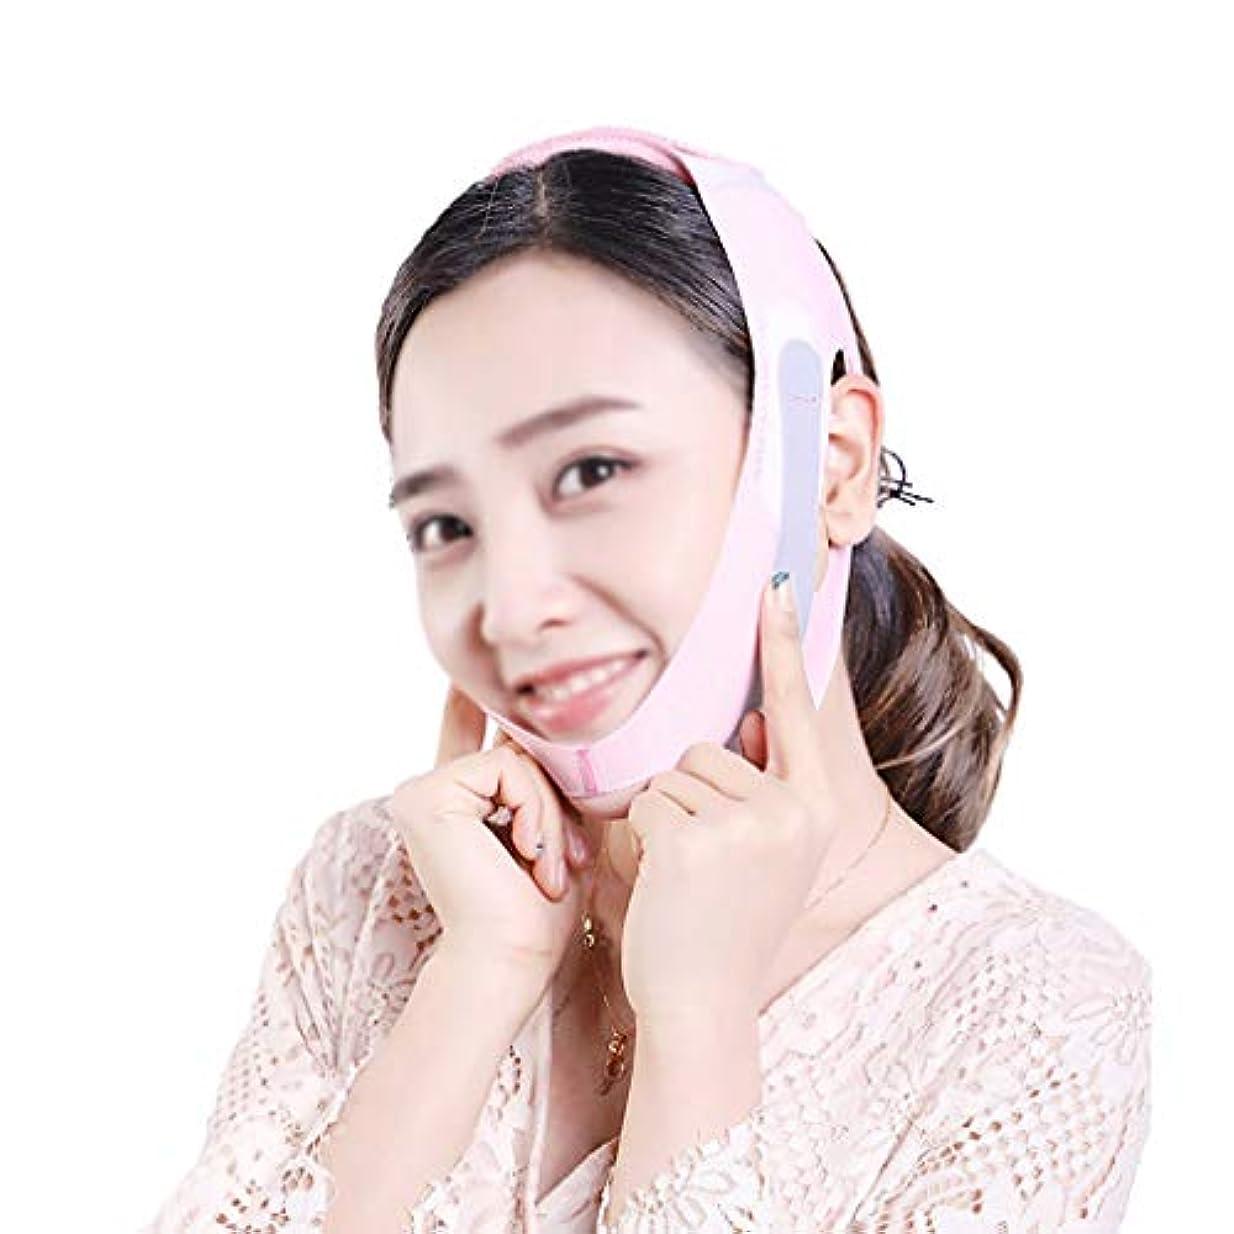 踊り子疎外する値するフェイシャルマスク、フェイスリフティングアーティファクト包帯リムーバーダブルあごスティックリフティング締め付け咬筋筋肉垂れ防止ベルトスリミングベルト